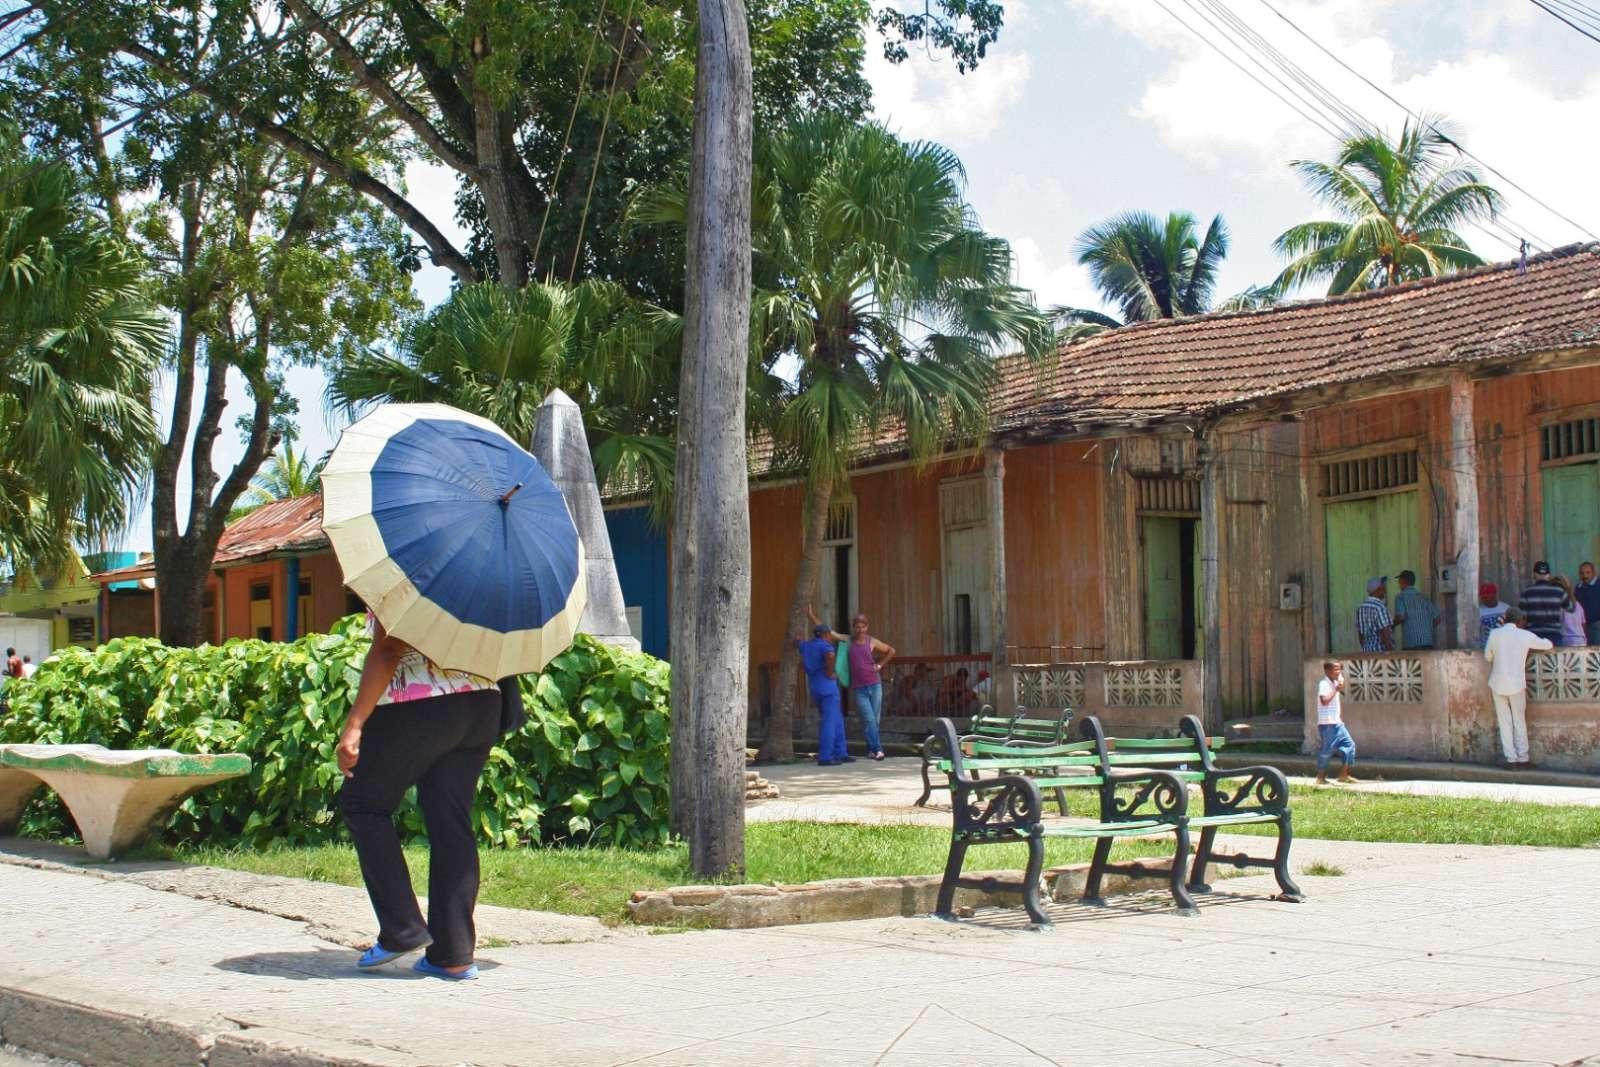 Woman with umbrella walking in Baracoa